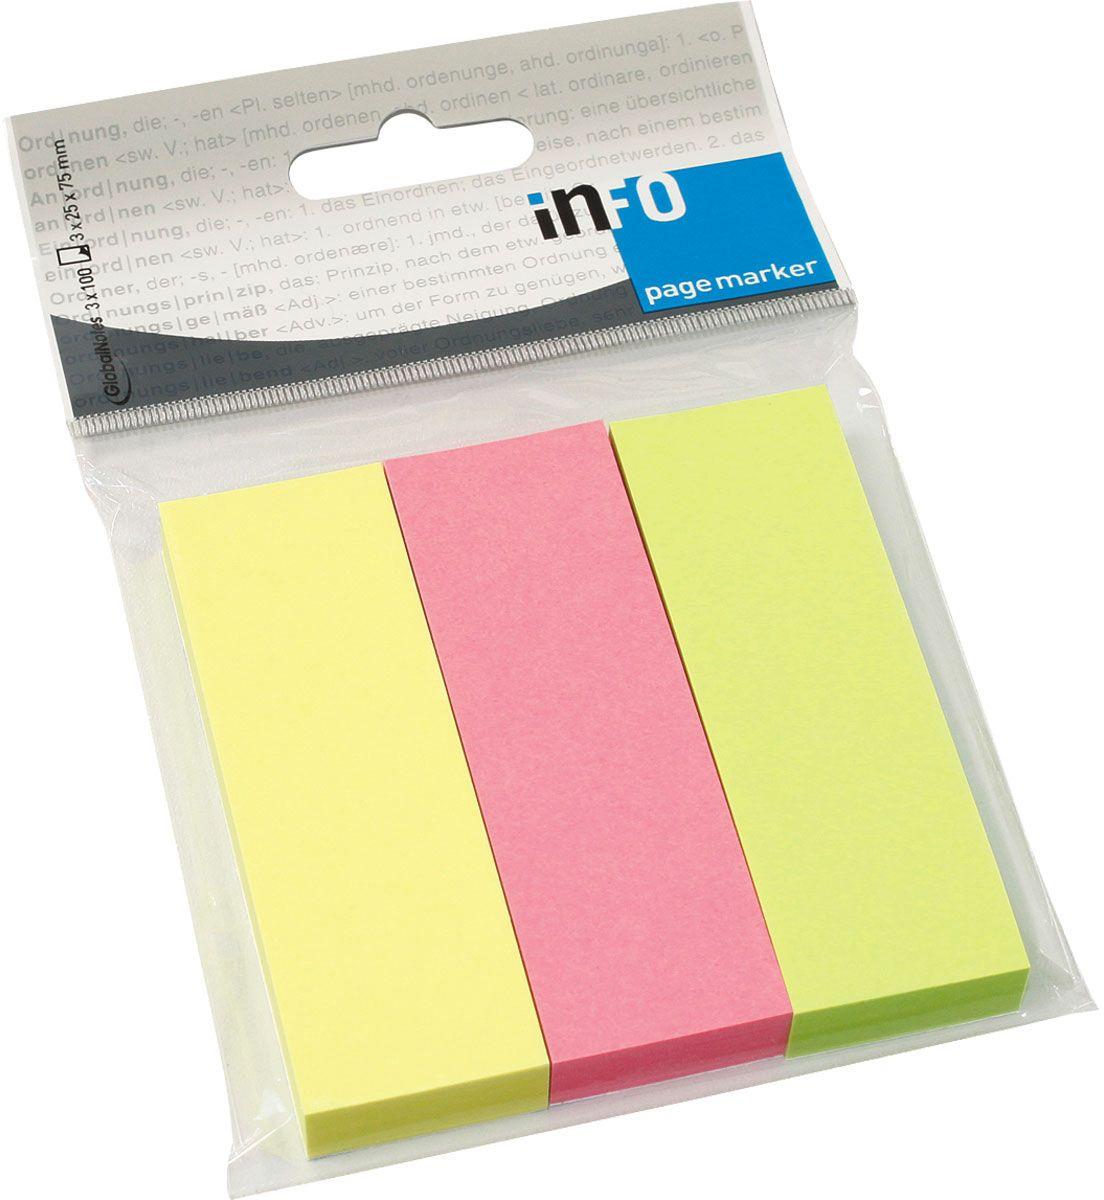 Global Notes Блок-закладка с липким слоем 300 листов567139Бумажные закладки с липким слоем предназначены для наиболее эффективного выделения важной информации без повреждения книги или документа. Идеально подходят для быстрой и эффективной работы - просто выдели и найди. Размер 25х75 мм. 100 листов, 3 цвета Толщина бумаги 50 мкр.